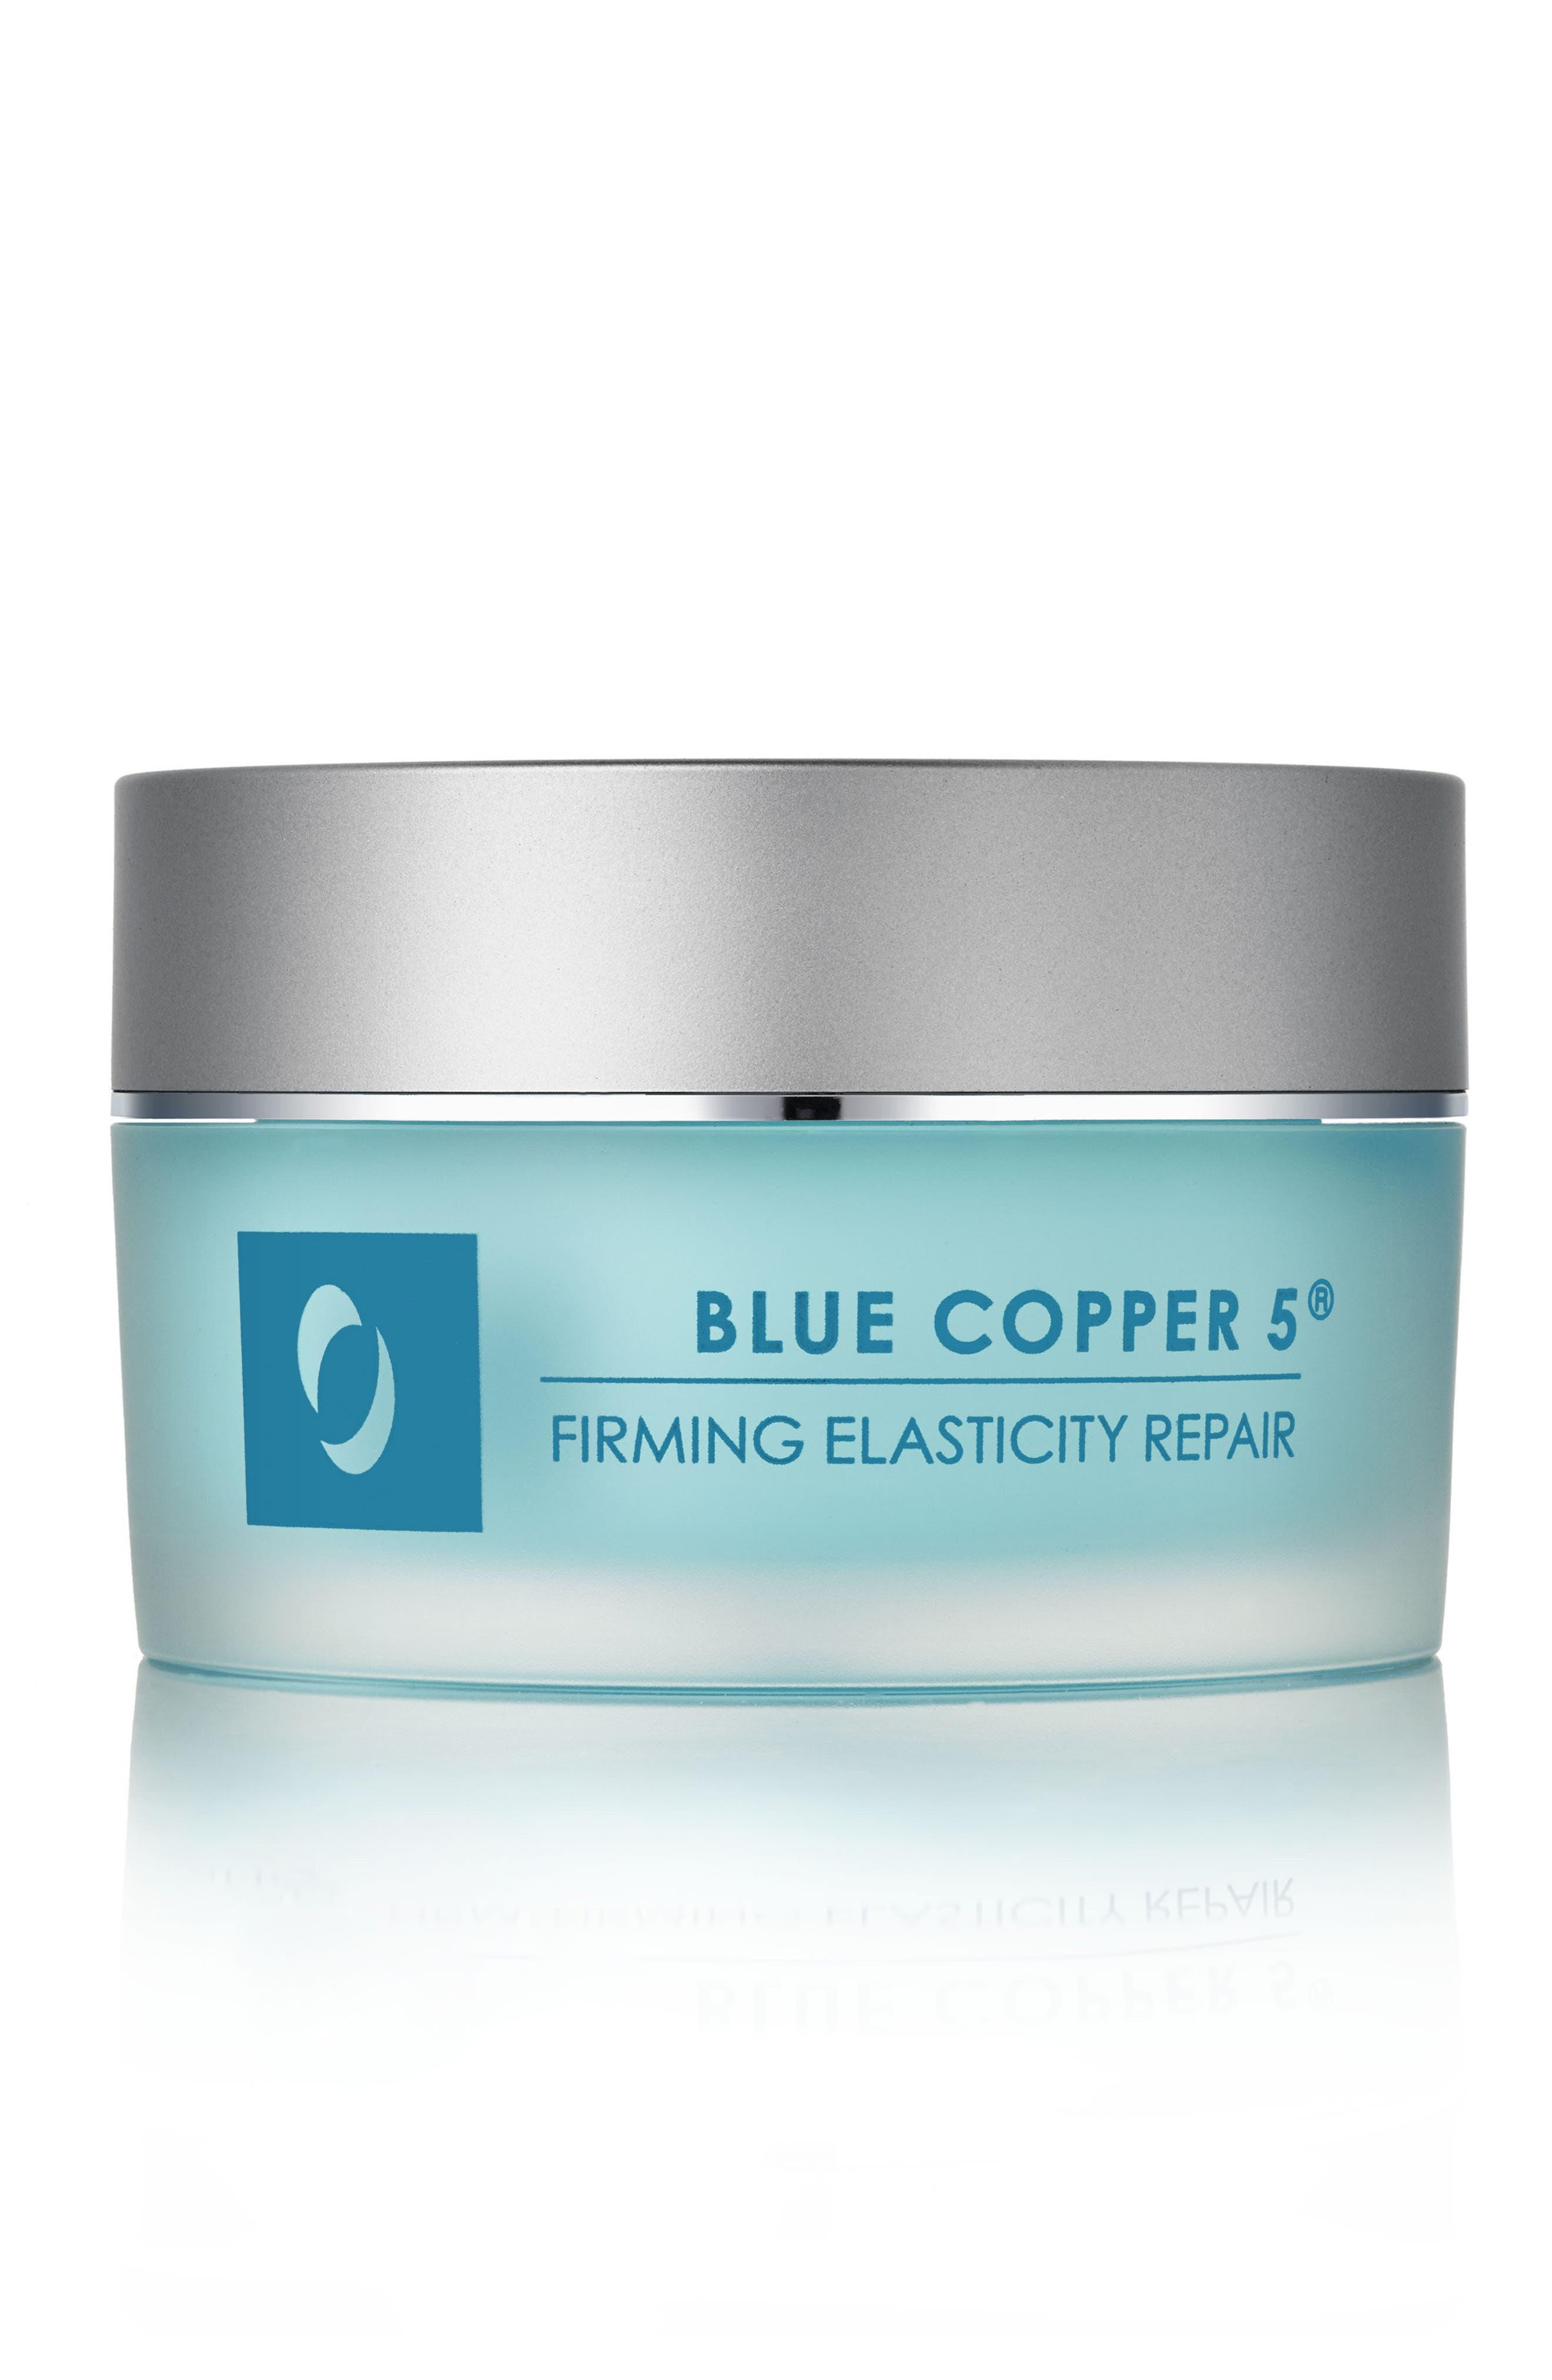 Main Image - Osmotics Cosmeceuticals Blue Copper 5 Firming Elasticity Repair ($450 Value)